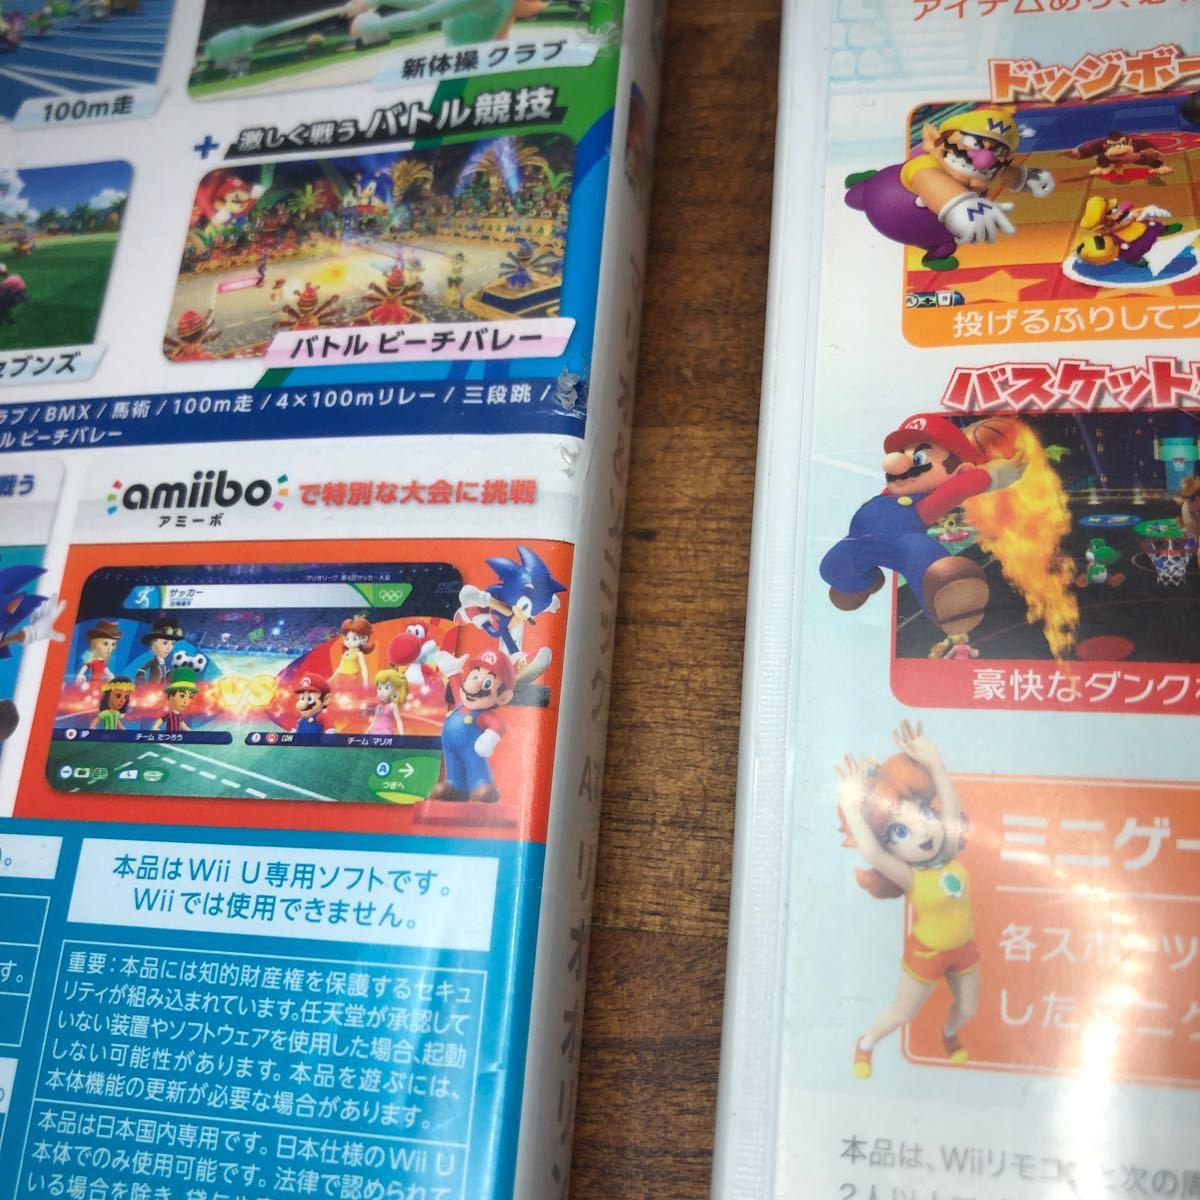 マリオ&ソニック リオオリンピンク マリオスポーツミックス WiiU Wiiソフトセット